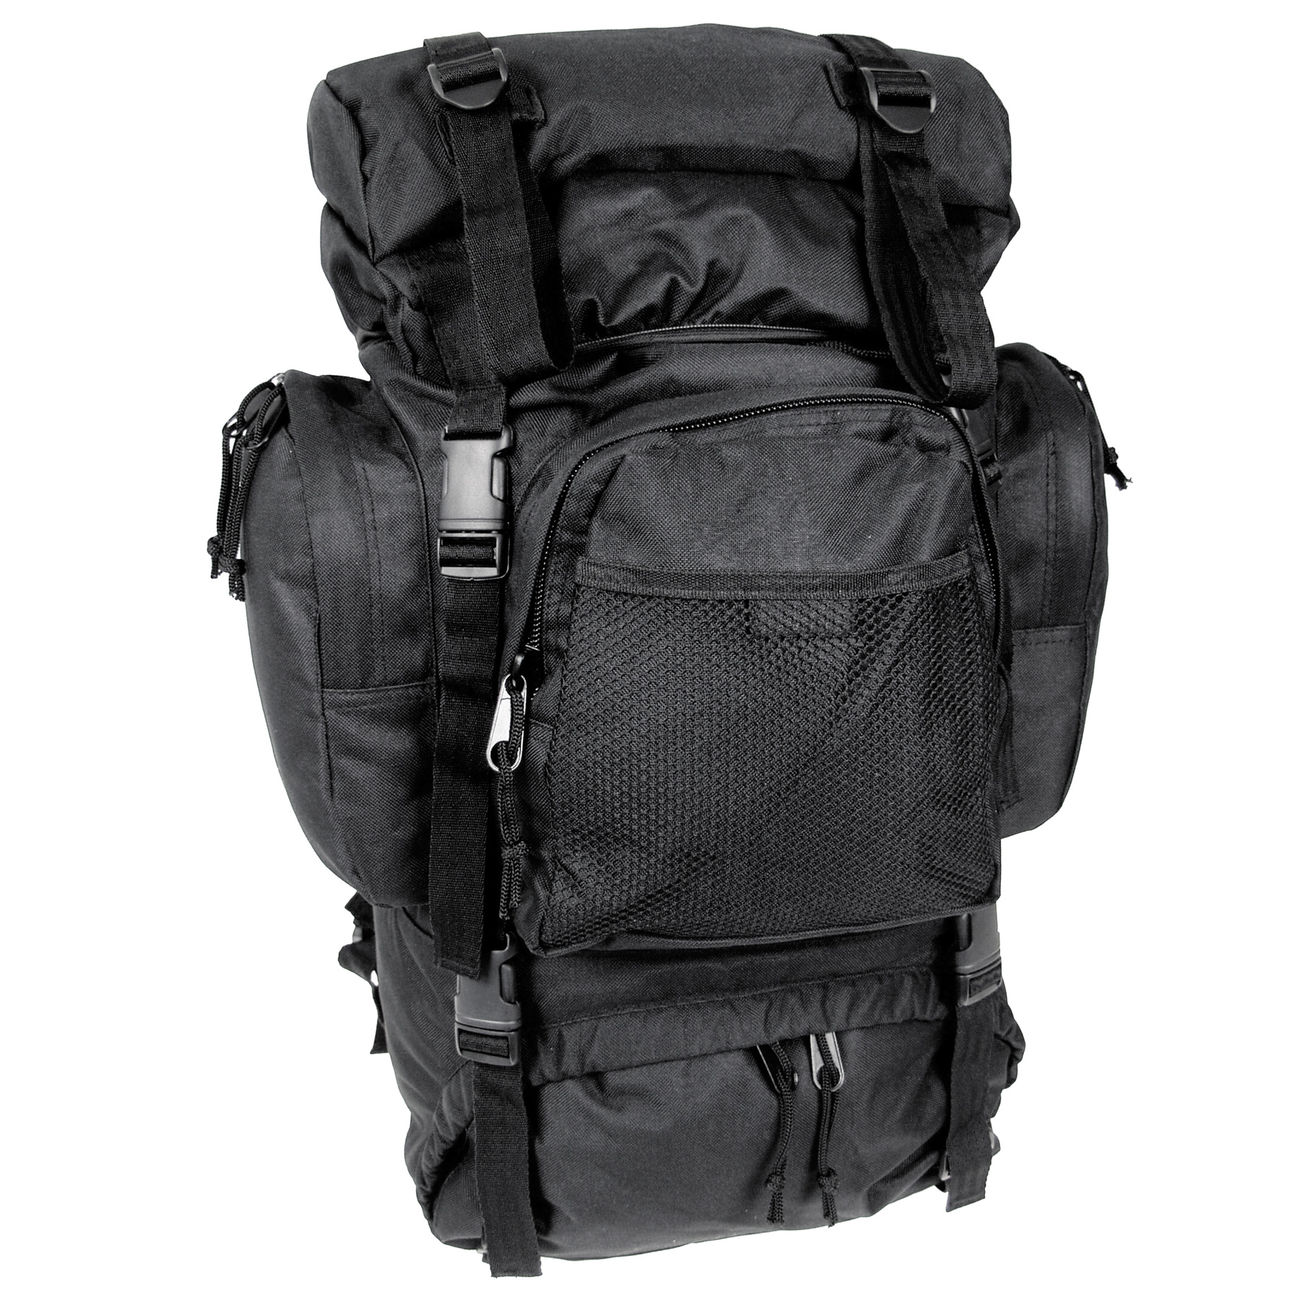 9fd25bcd53c82 MFH Rucksack Tactical groß schwarz günstig kaufen - Kotte   Zeller